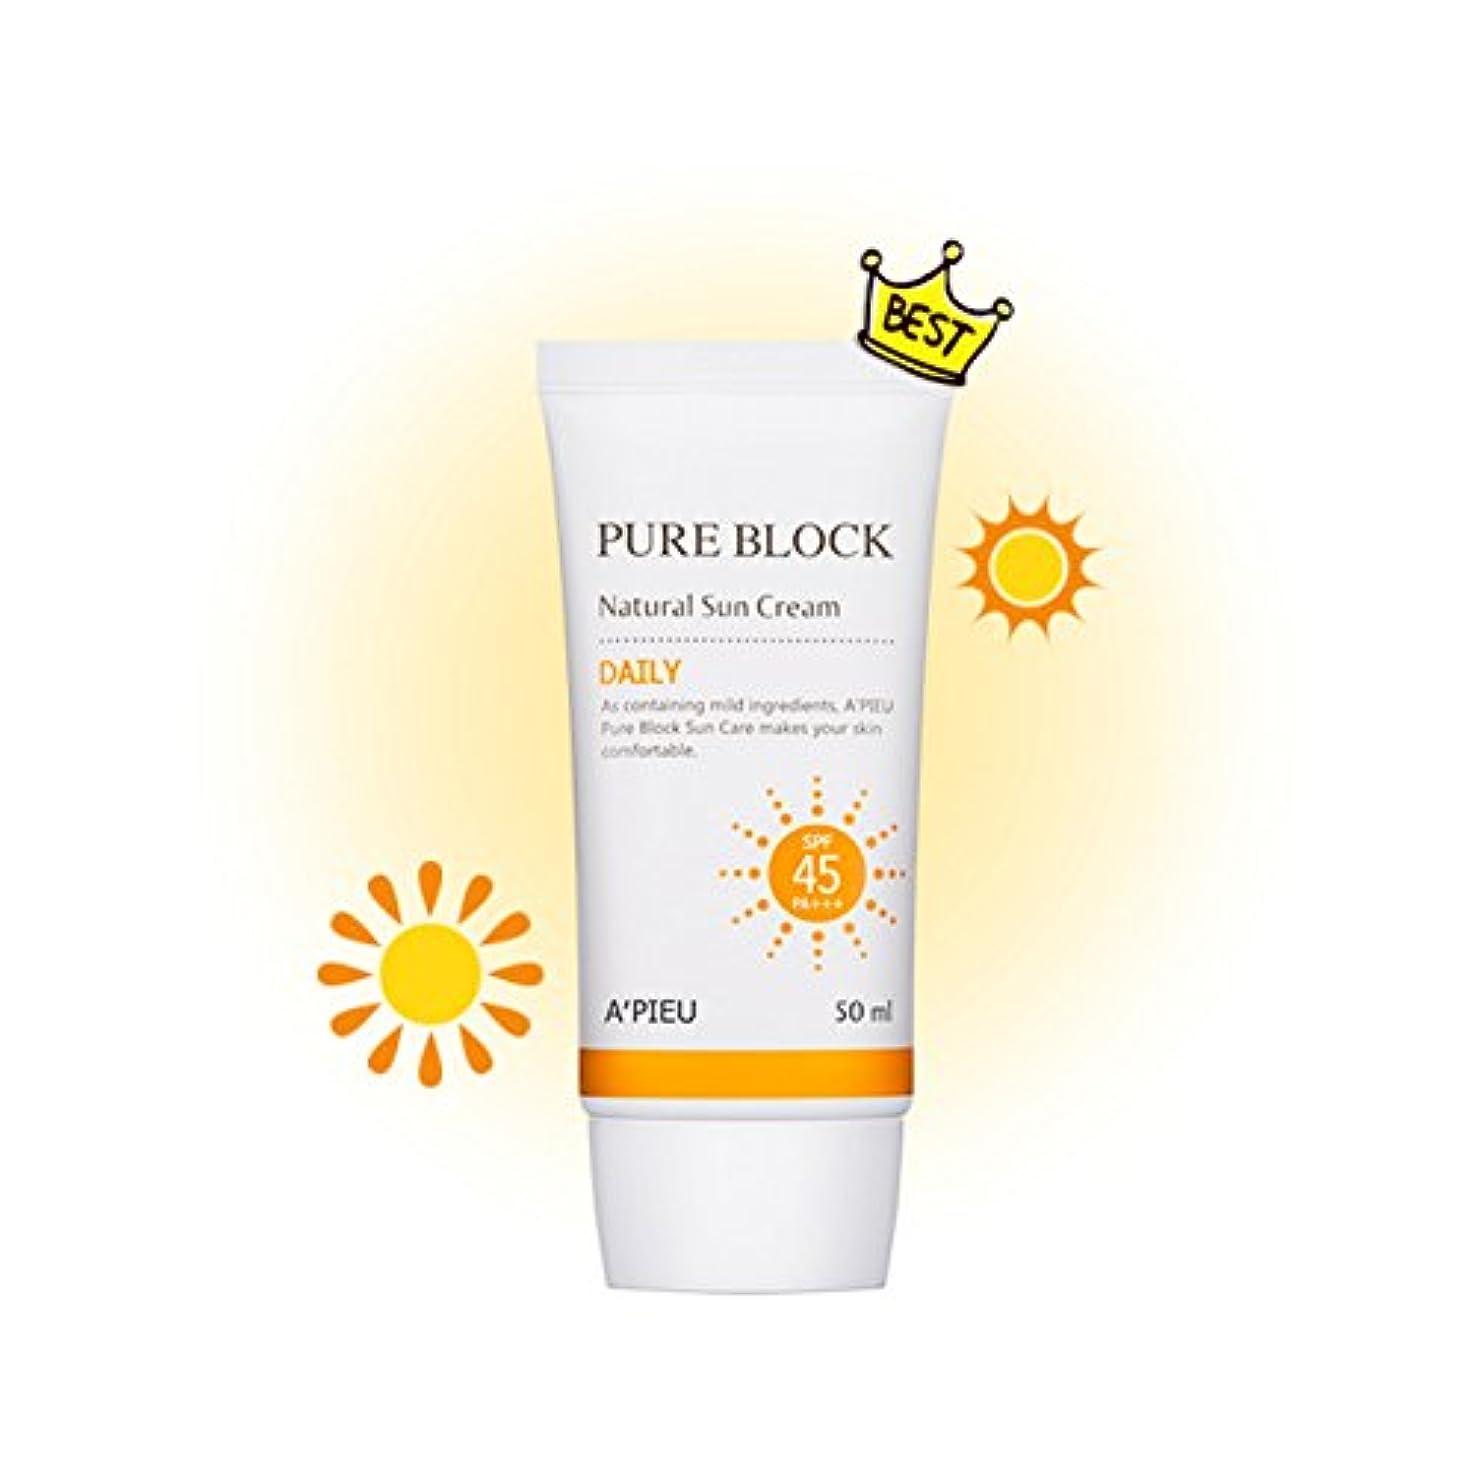 法廷軽蔑する必需品[オピュ] A'PIEU ピュアブロックナチュラルデイリー日焼け止め Pure Block Natural Daily Sun Cream SPF 45 PA+++ [並行輸入品]